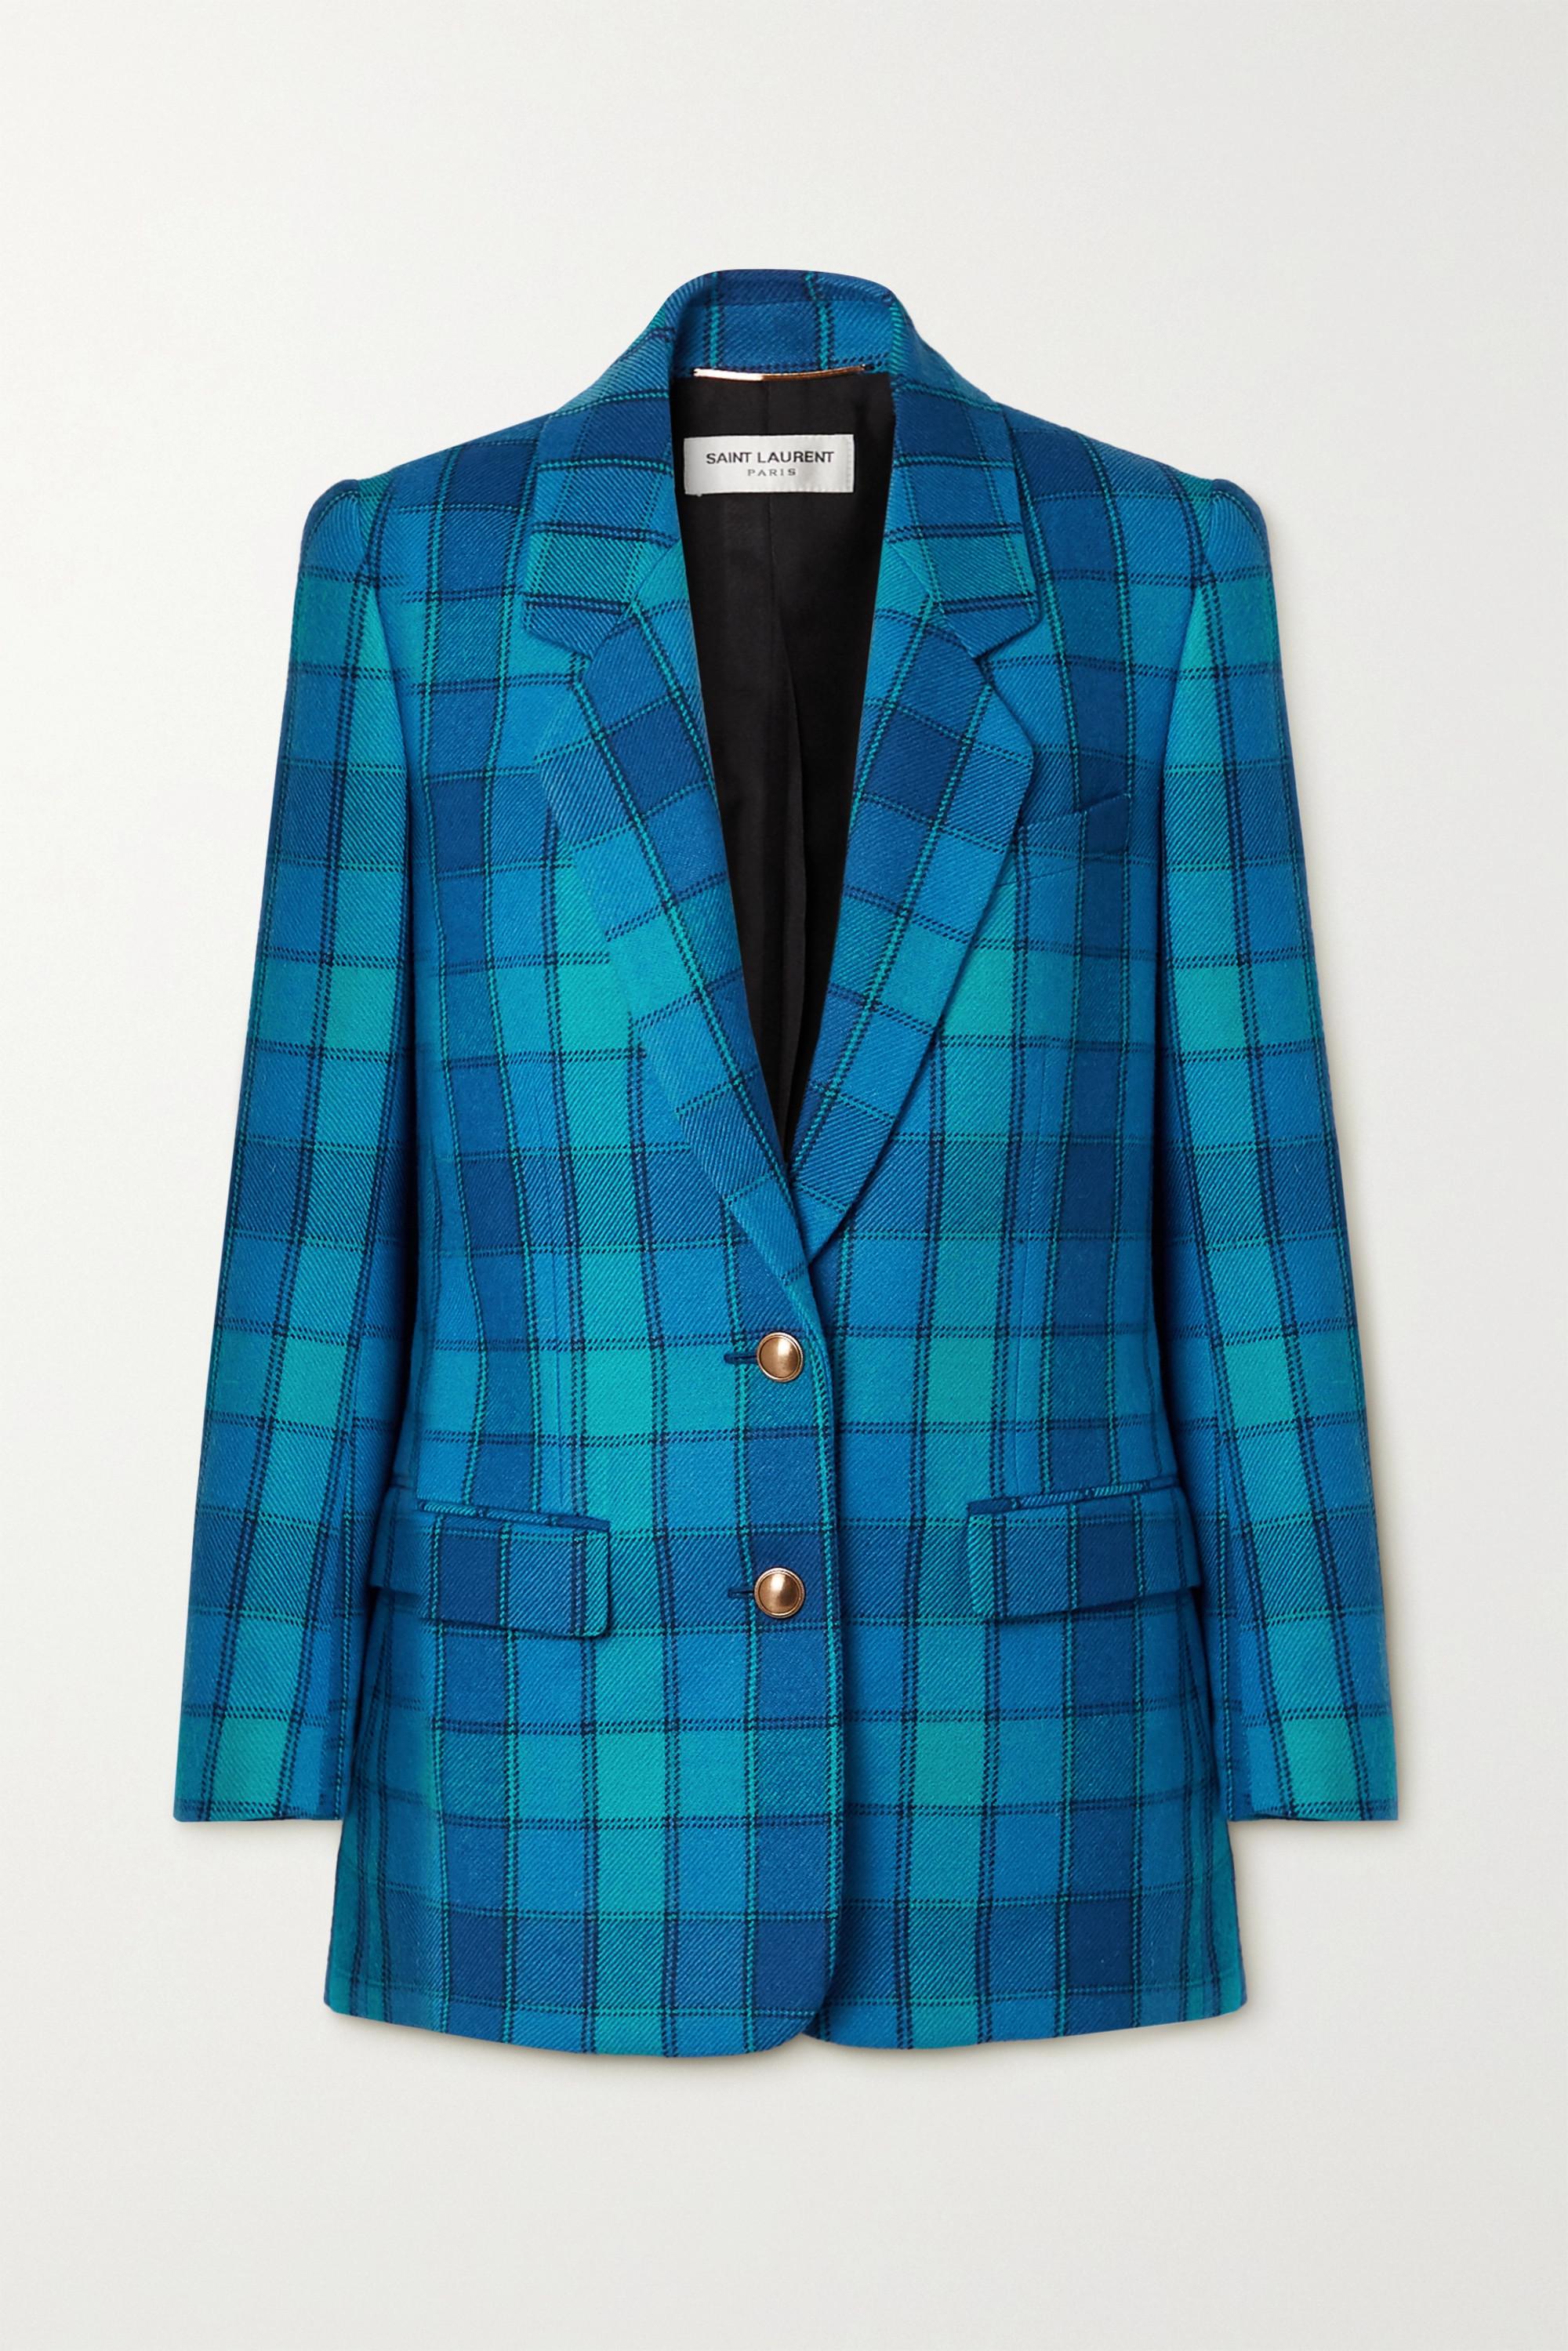 SAINT LAURENT Checked wool-twill blazer